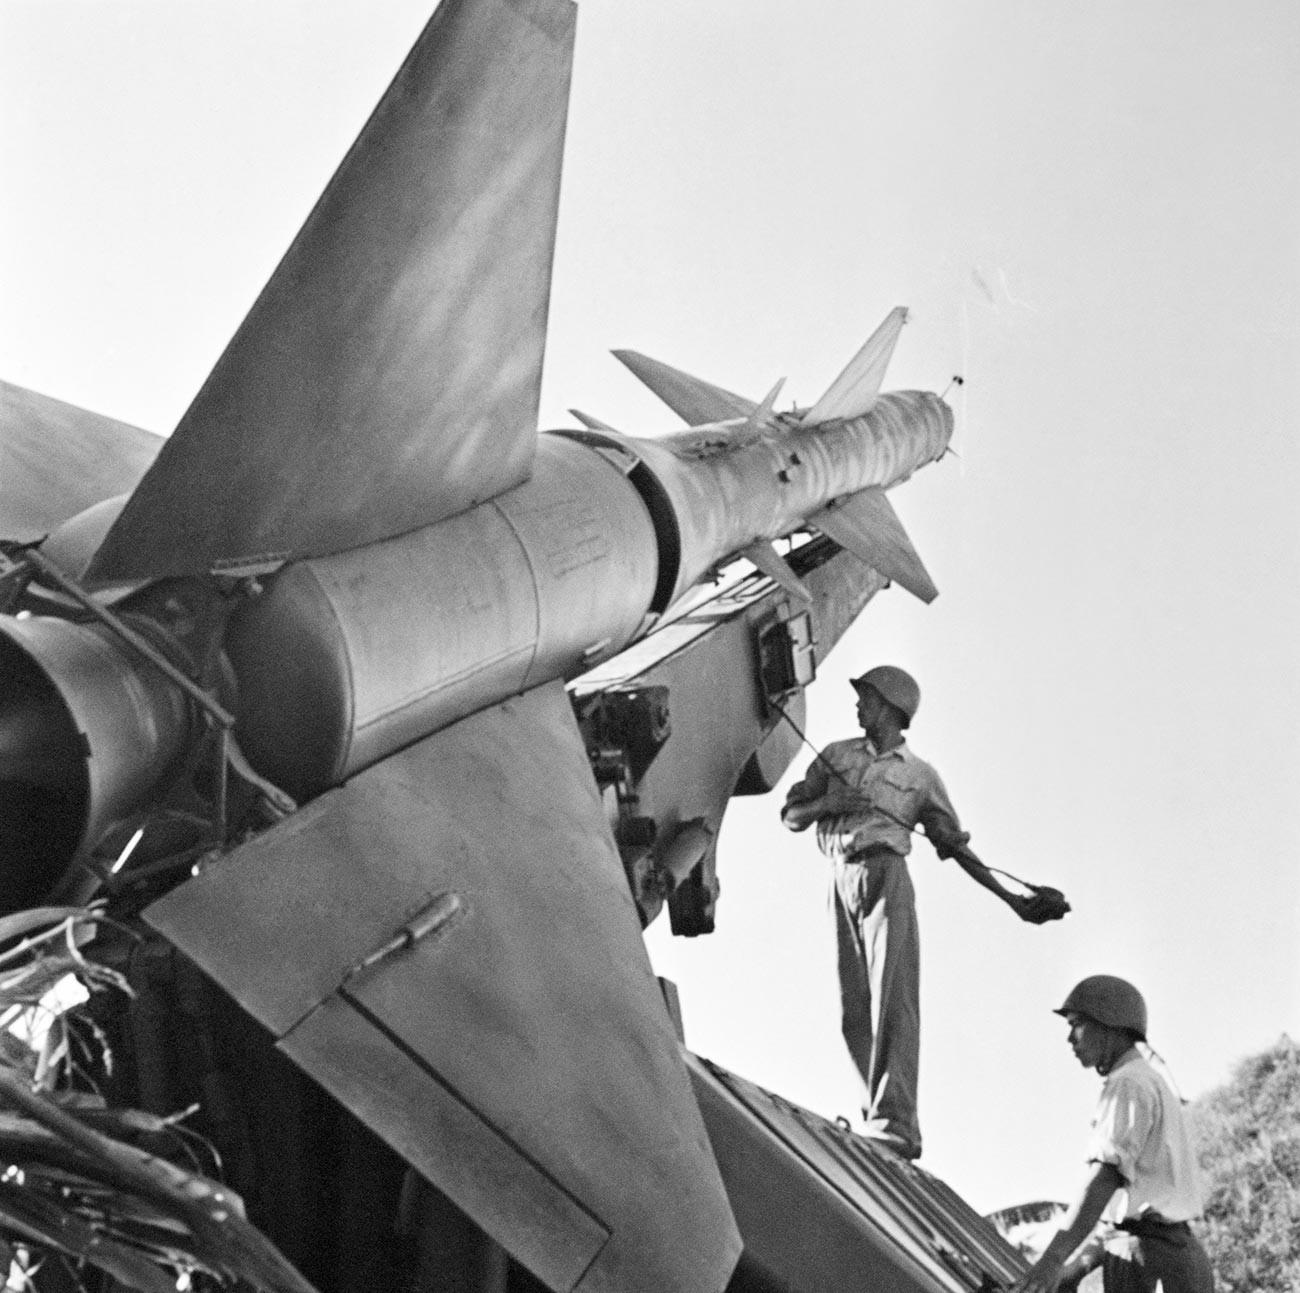 Combattants de l'Armée du Nord-Vietnam à côté d'une batterie de missiles destinée à lutter contre les raids aériens américains pendant la guerre du Vietnam.